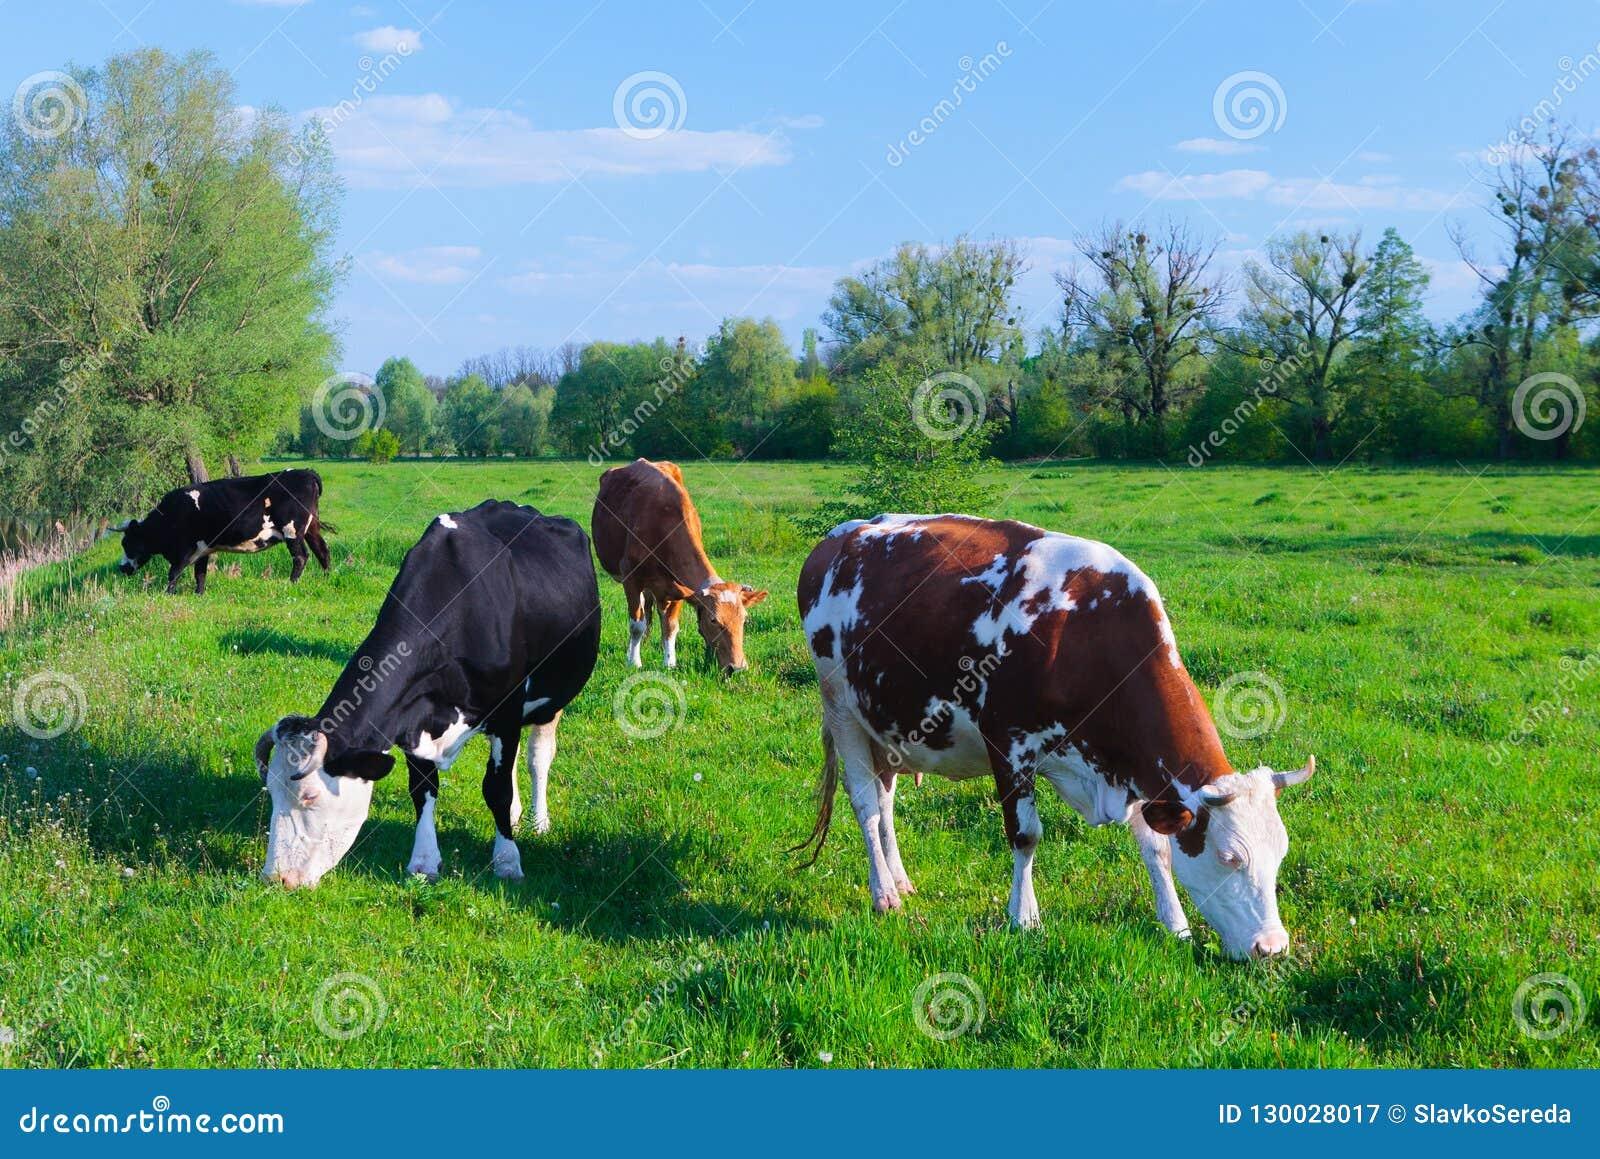 Αγελάδες γάλακτος που βόσκουν σε ένα πράσινο pasturage τομέων χλόης κάτω από το μπλε SK